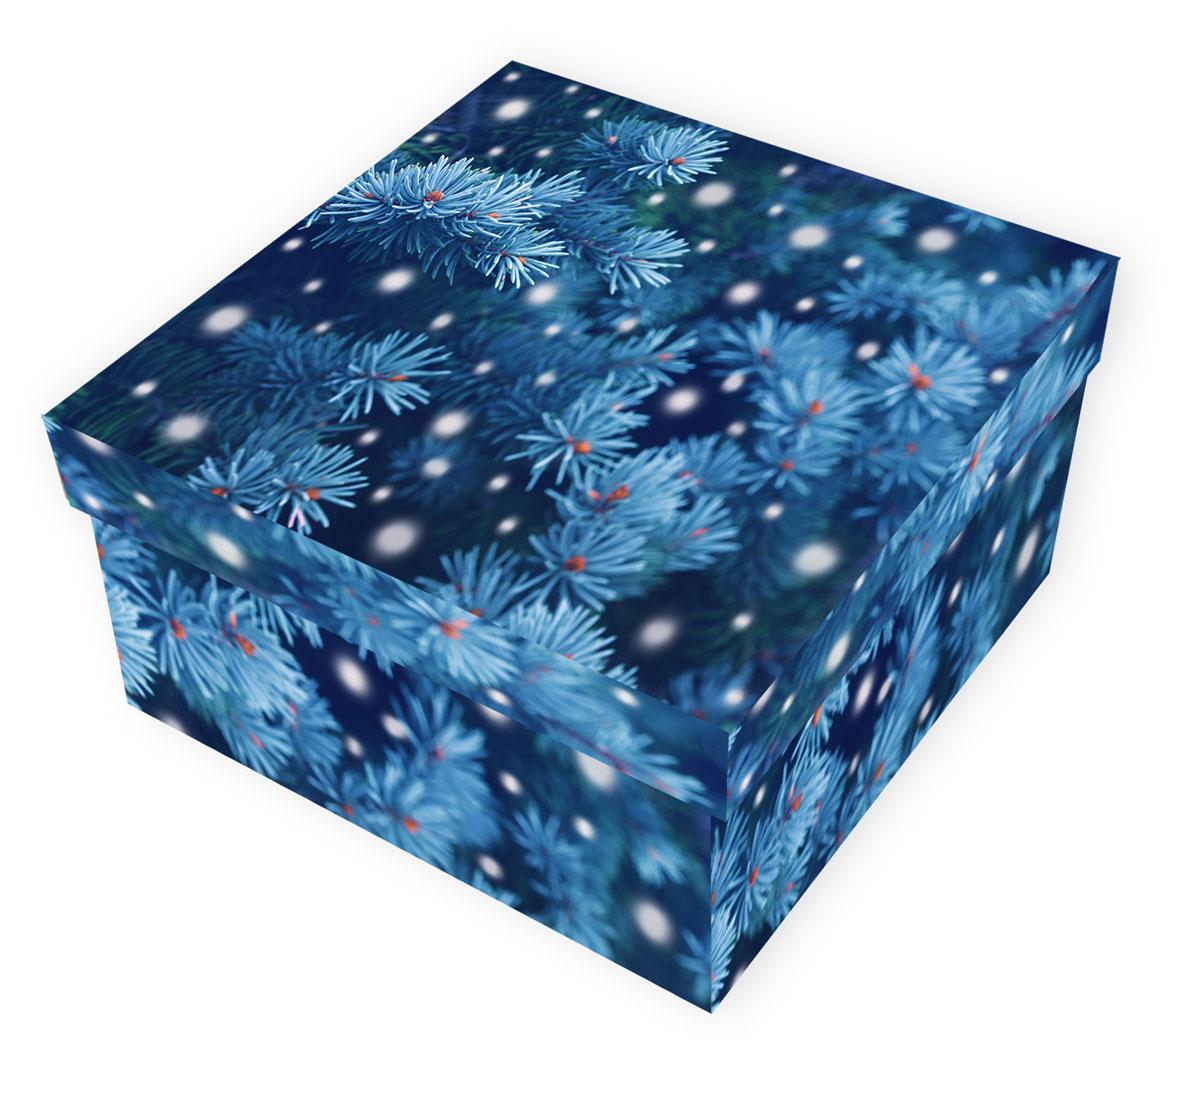 Коробка подарочная Proffi Home Снежная ель, 12 х 22 х 22 смNLED-454-9W-BKБольшие картонные коробкиProffi Home Снежная ель идеально подходят для упаковки объемных подарков. Коробка изготовлена из плотного цветного картона.